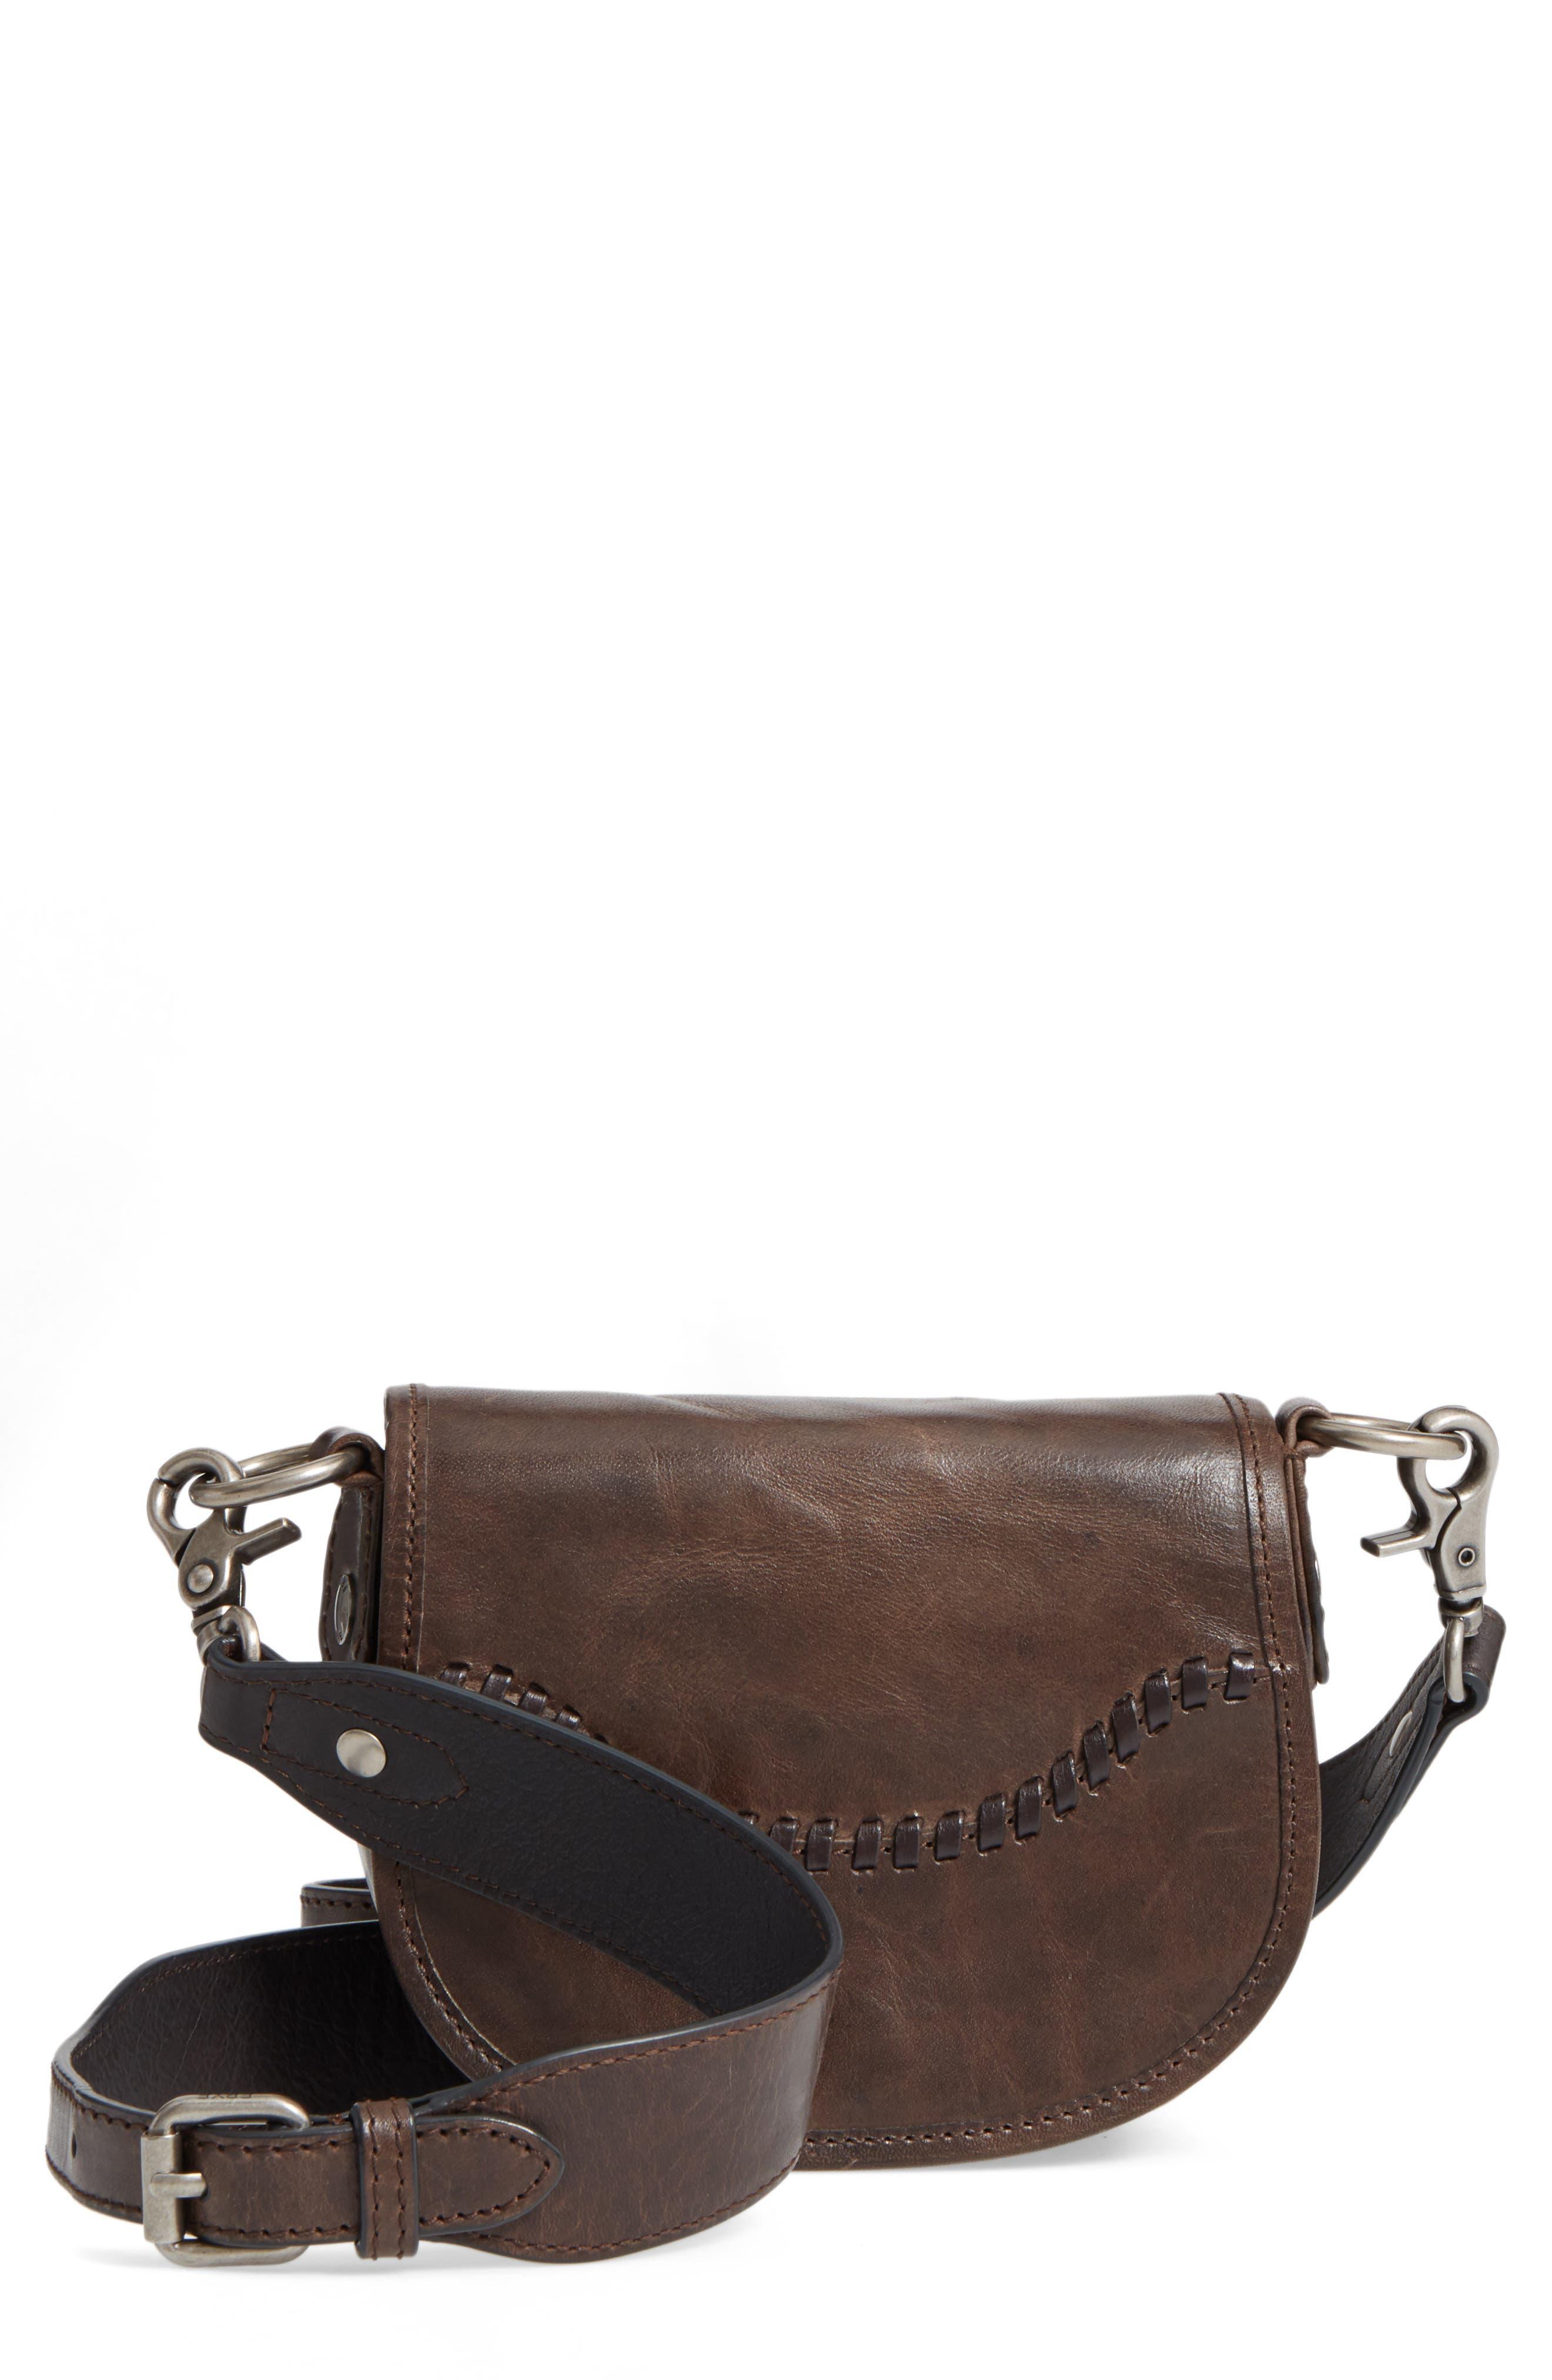 Main Image - Frye Mini Melissa Whipstitch Leather Saddle Bag